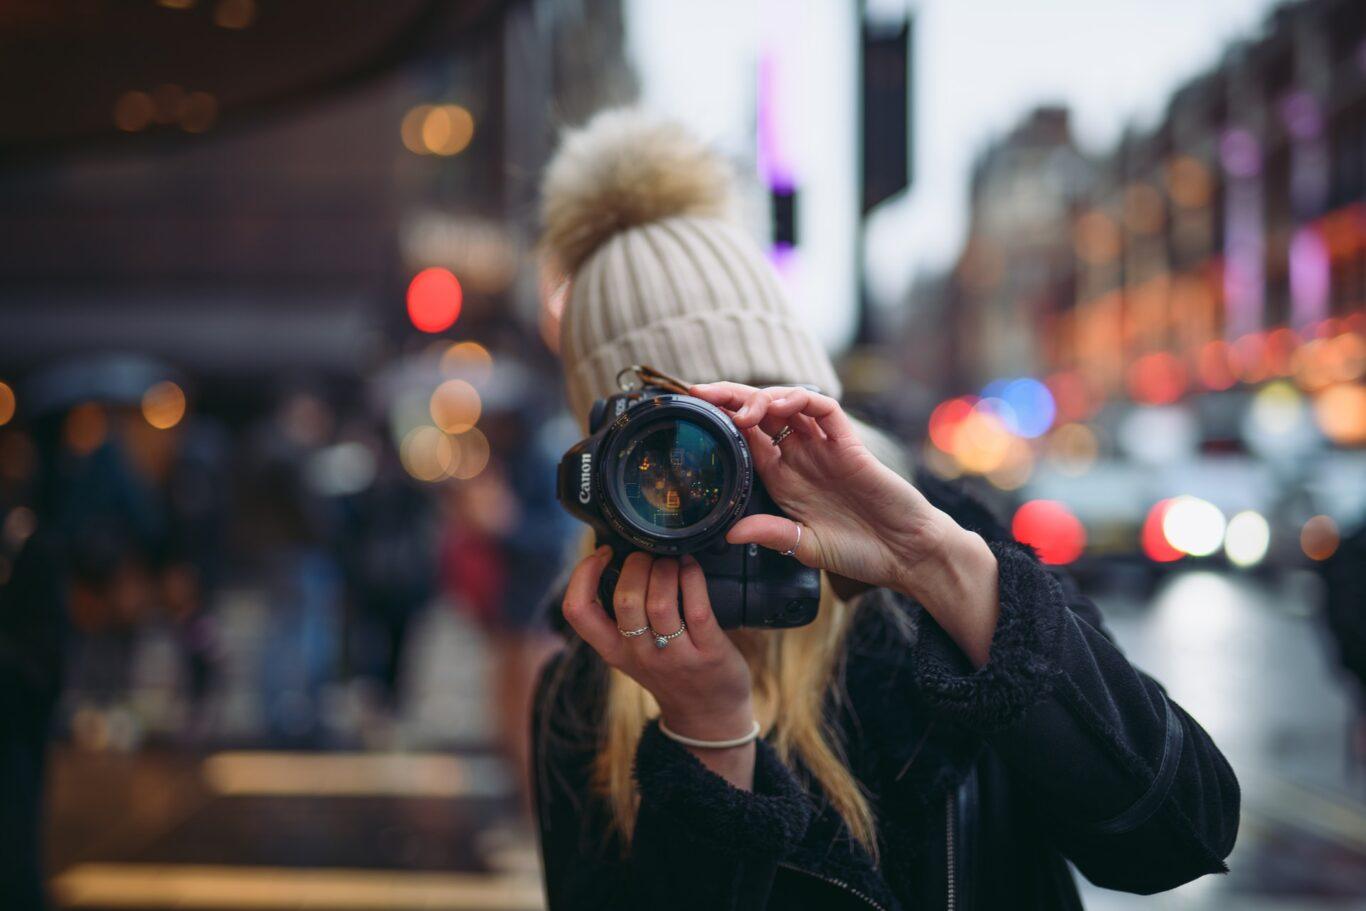 γίνε επαγγελματίας φωτογράφος